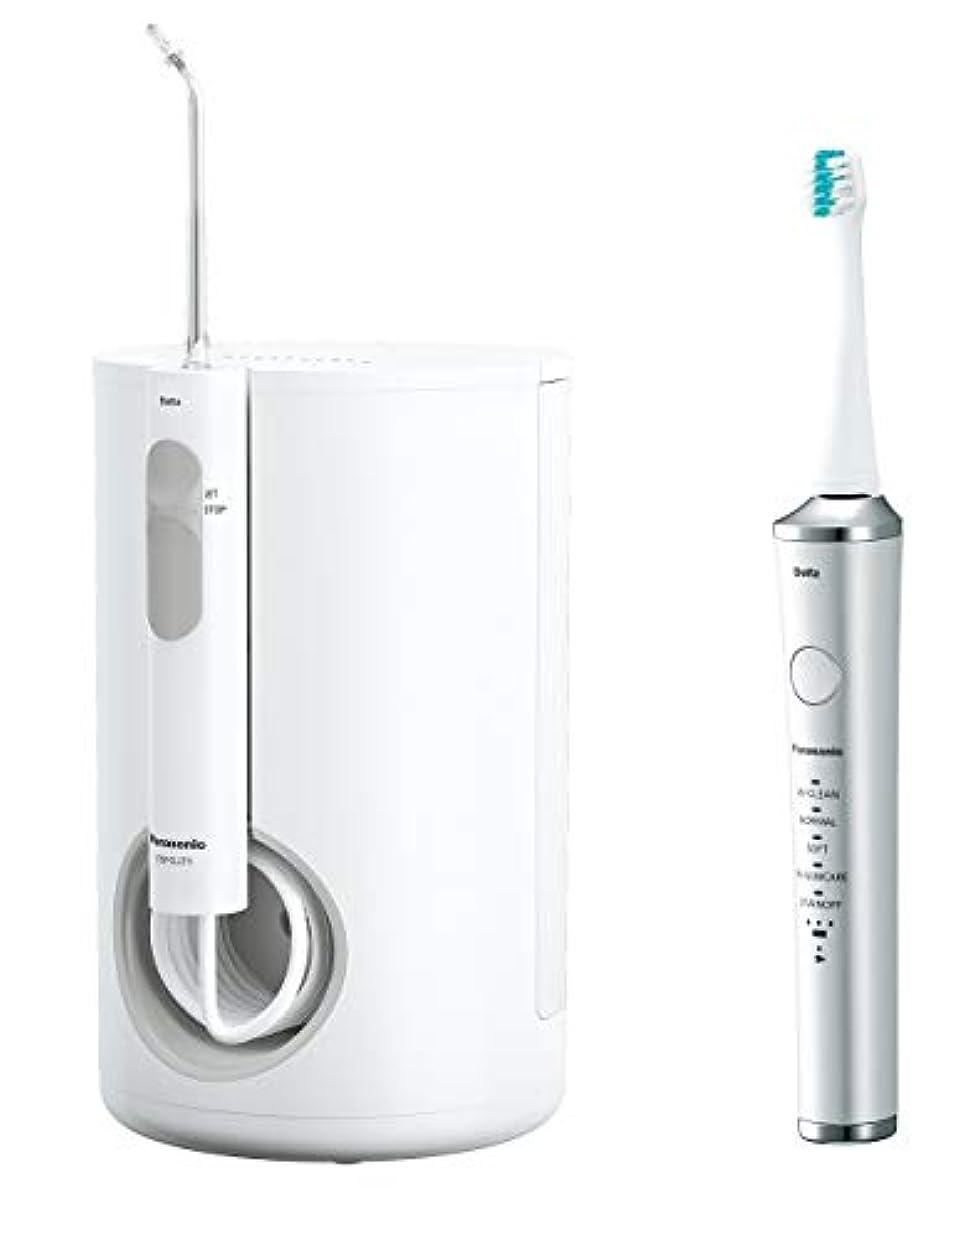 クランシー驚くばかりあいまいなパナソニック 口腔洗浄器 ジェットウォッシャー ドルツ 白 EW-DJ71-W + 電動歯ブラシ ドルツ セット